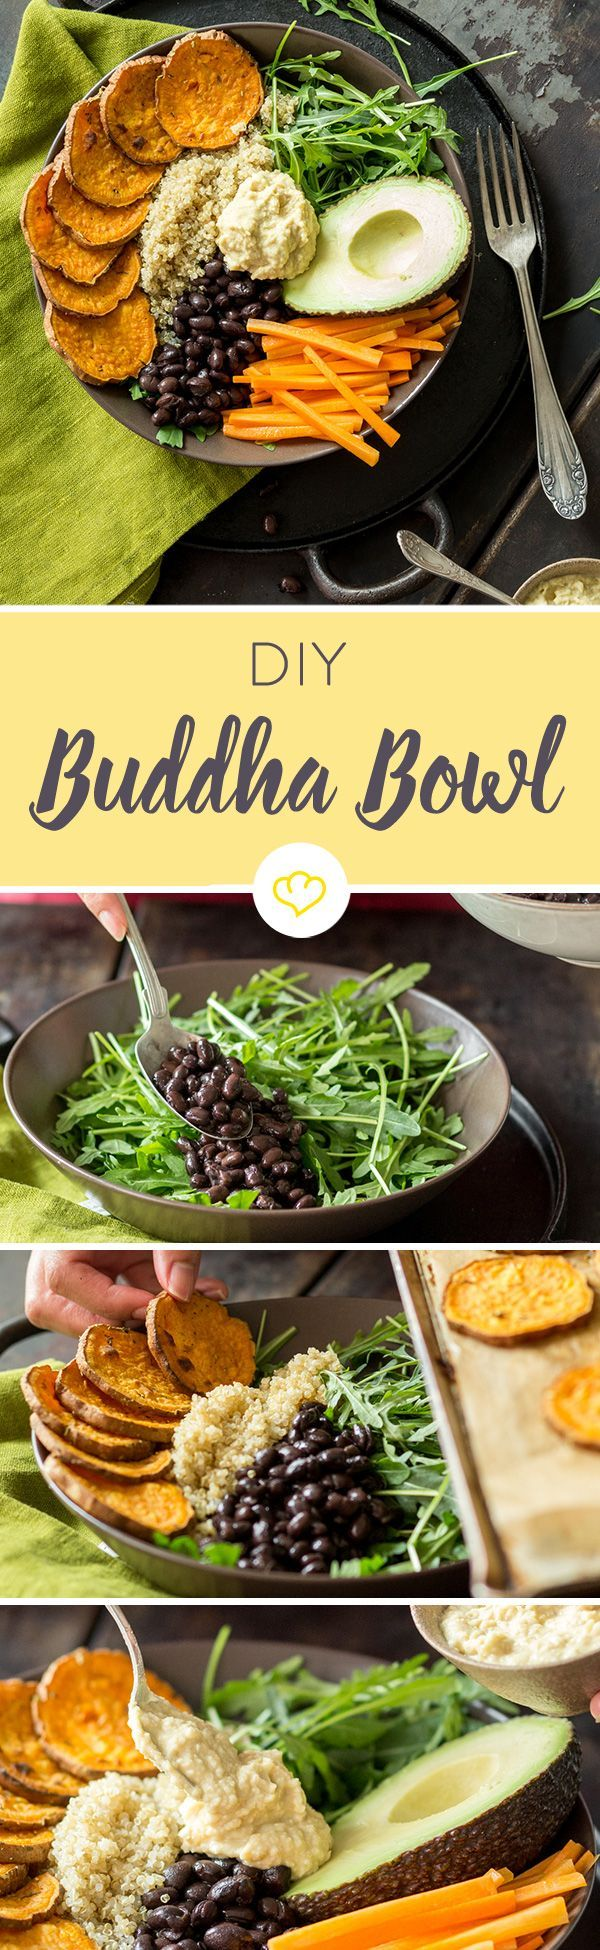 1 Schale - 1000 Möglichkeiten. Die Buddha Bowl ist das gesunde Kontrastprogramm zum schnellen, fettigen Snack. Wie der Trend funktioniert, erfährst du hier.